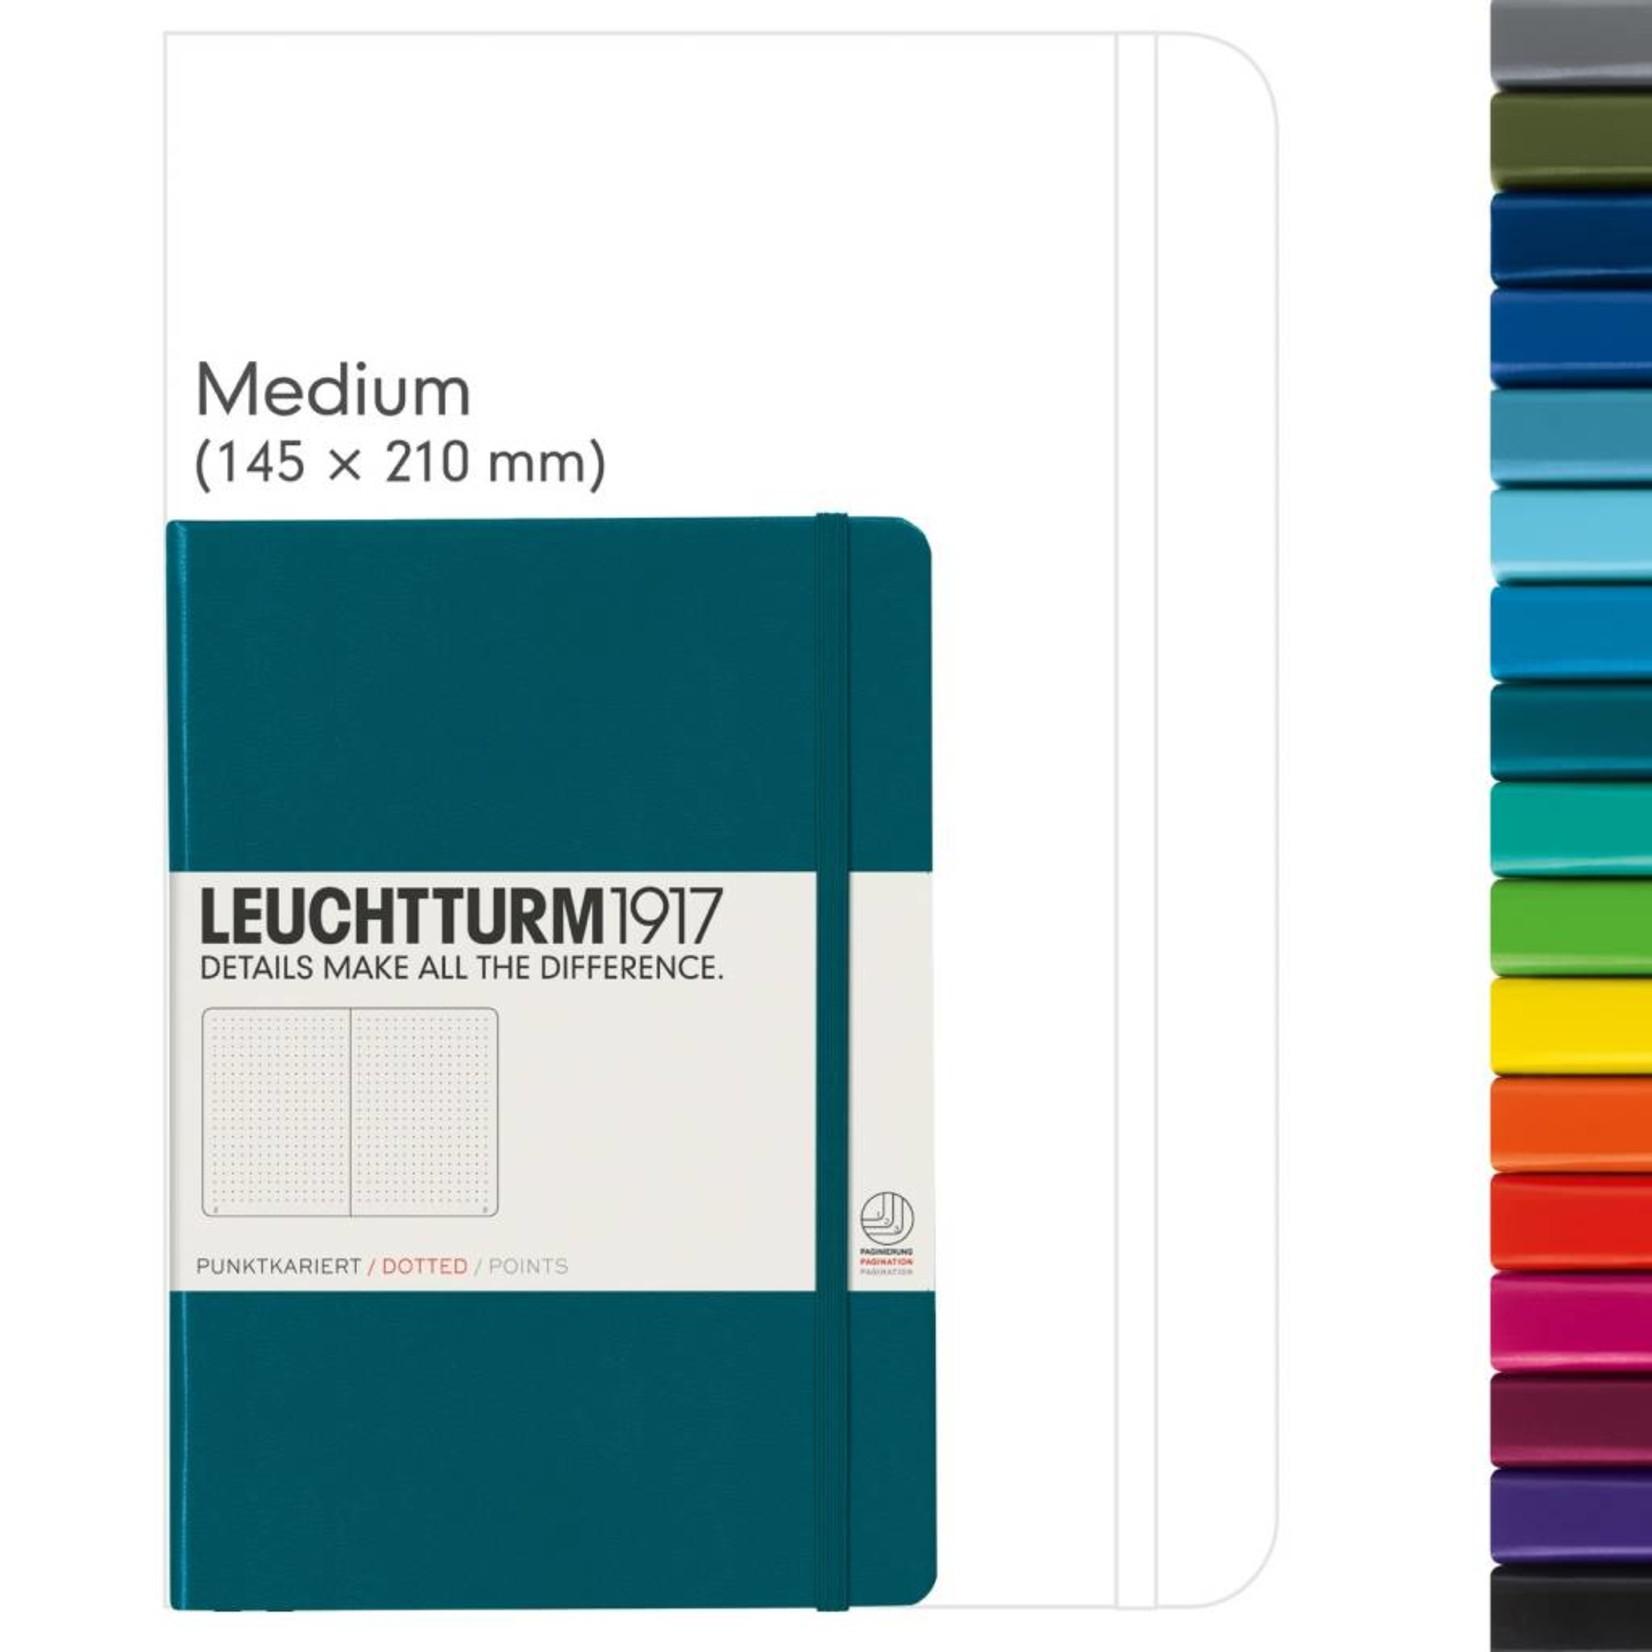 Leuchtturm1917 LT Notizbuch A5 MEDIUM HC pacific green dotted